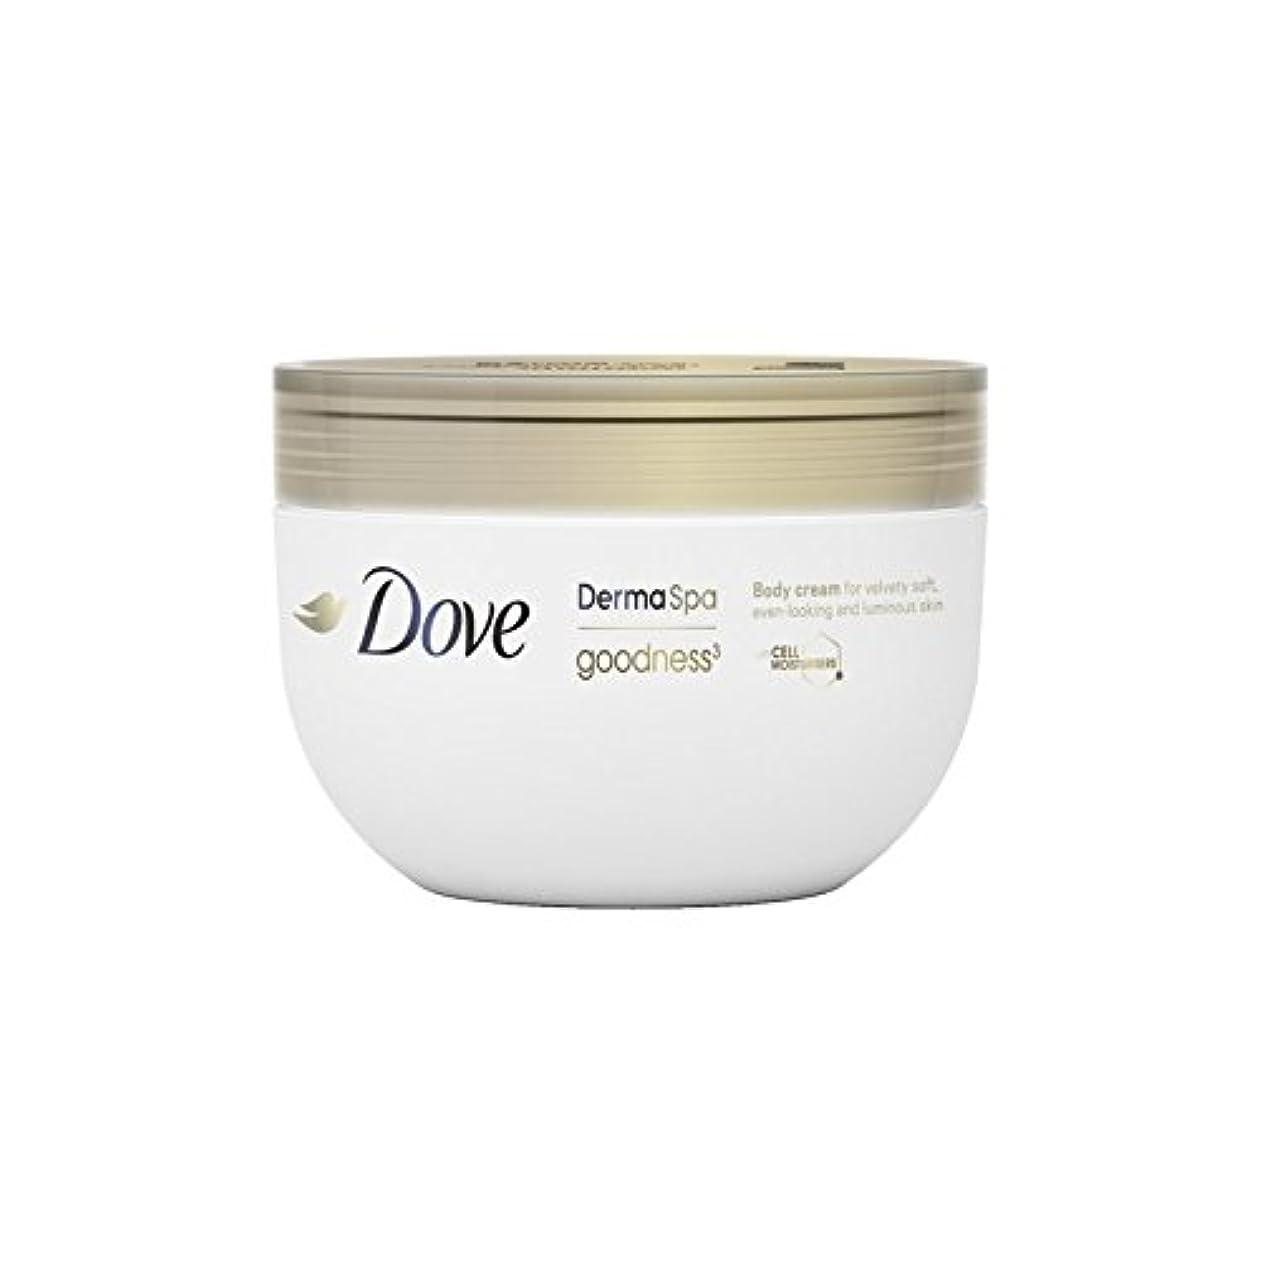 監査工業化する出費Dove DermaSpa Goodness3 Body Cream (300ml) - 鳩の3ボディクリーム(300ミリリットル) [並行輸入品]